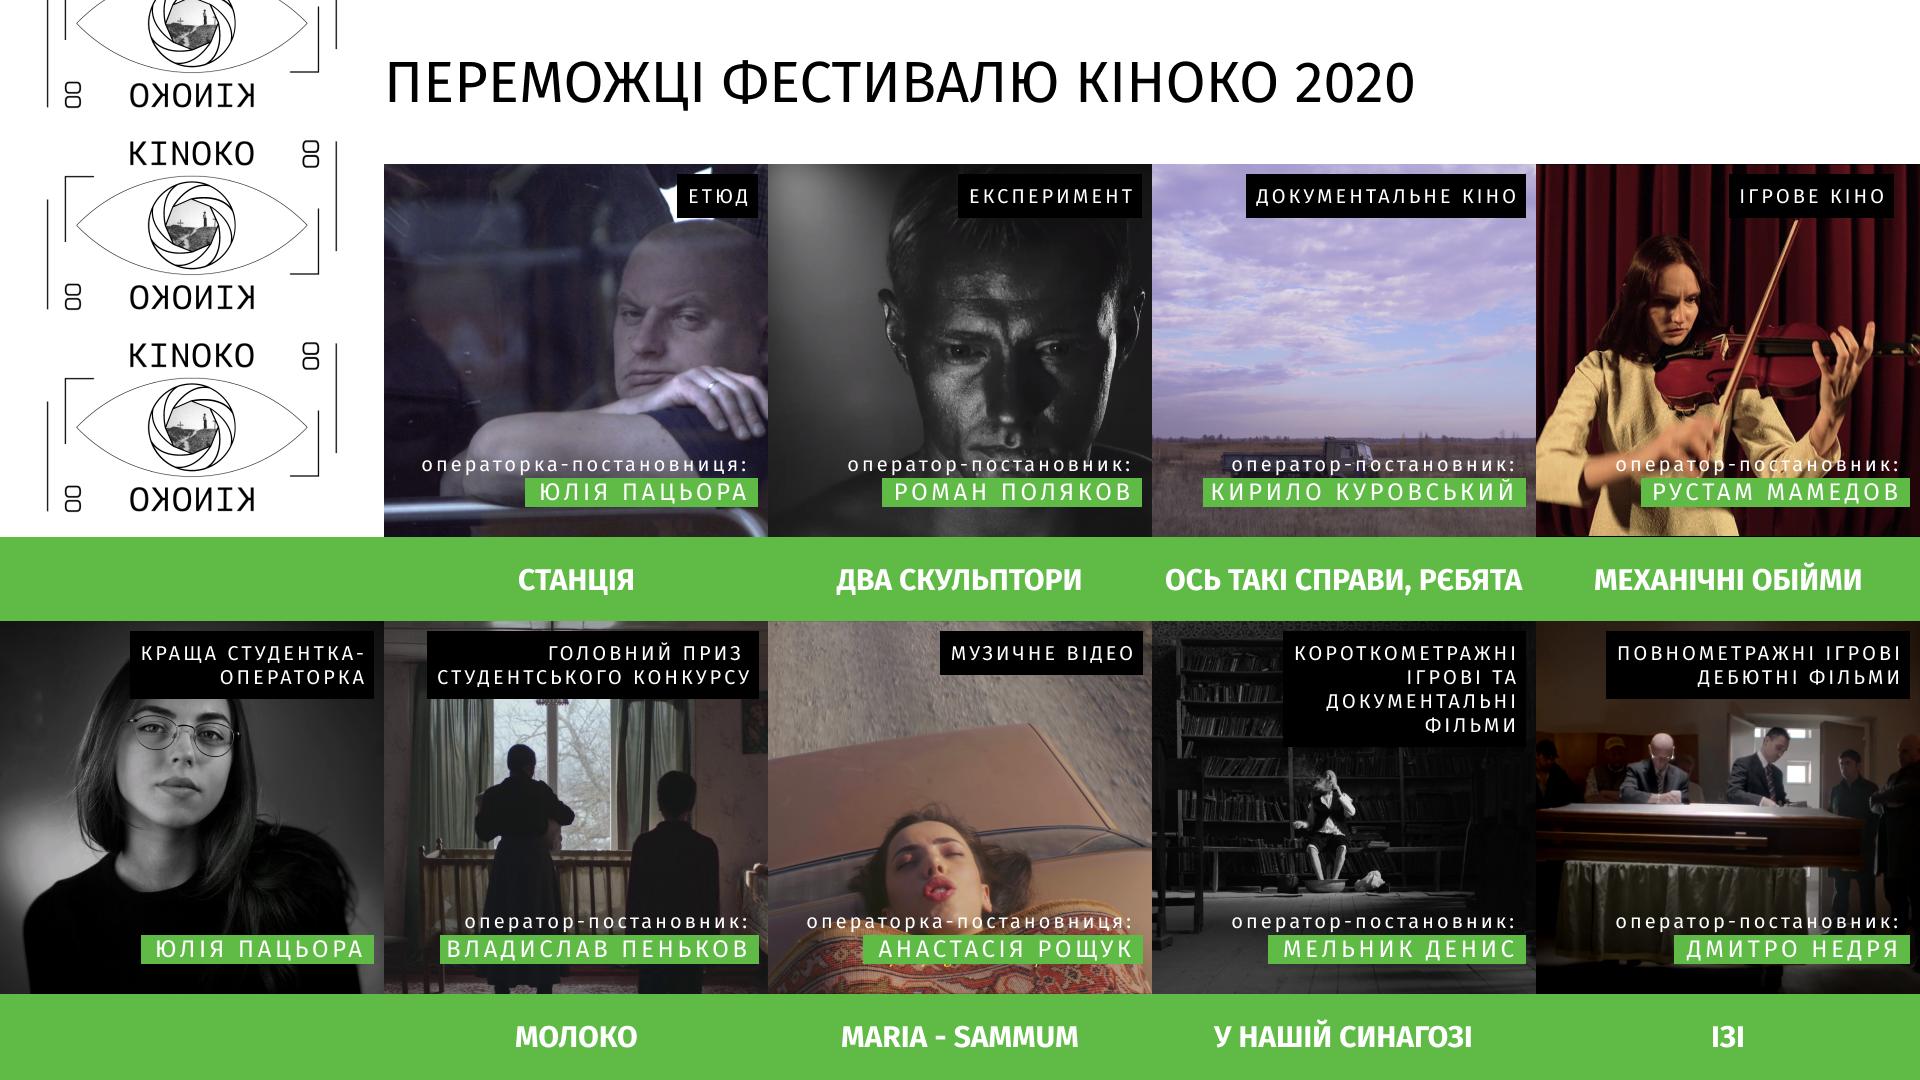 Фестиваль кінооператорського мистецтва КІНОКО оголосив переможців